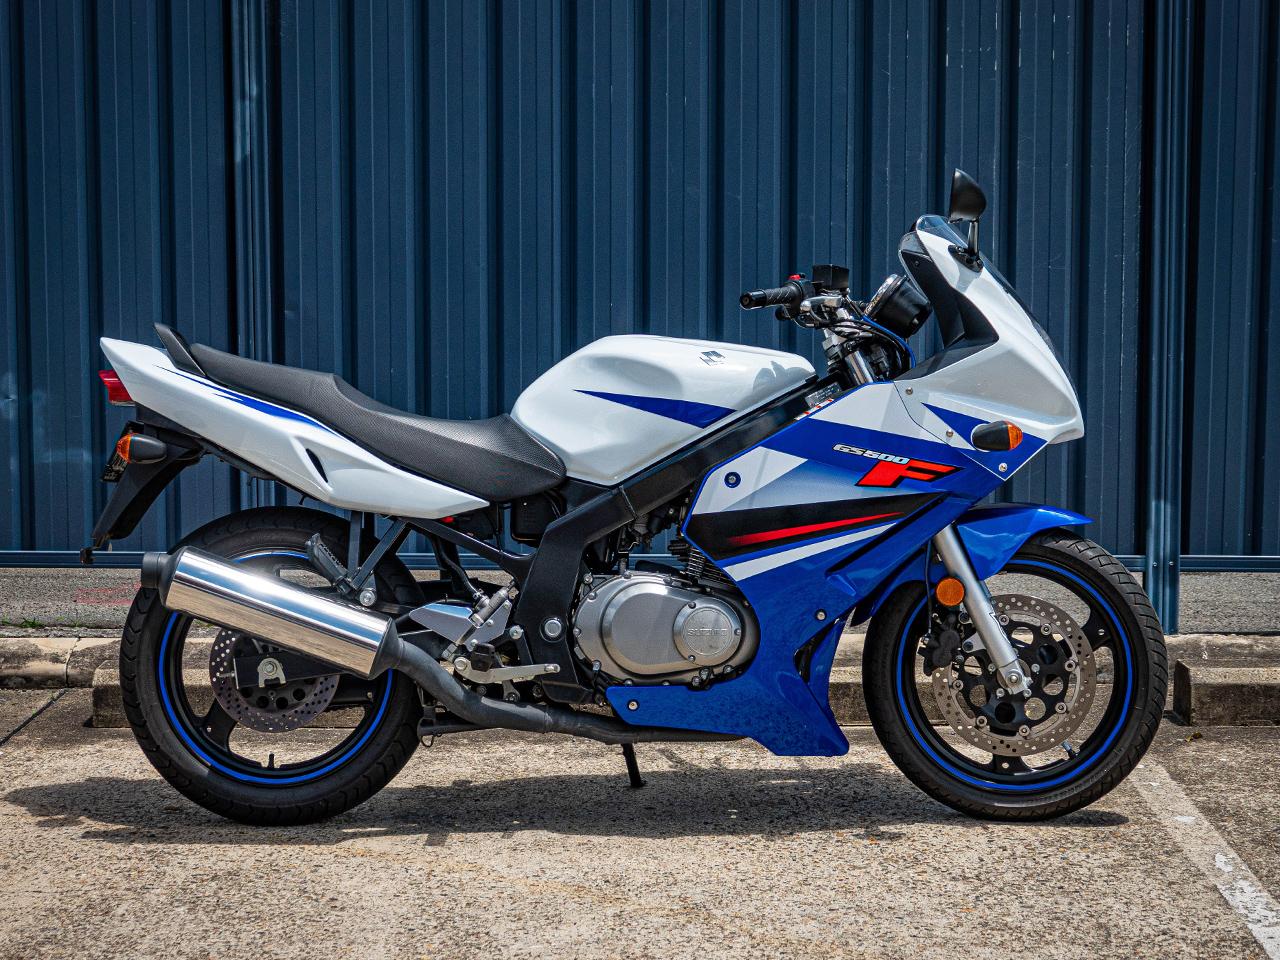 Suzuki GS500F 2011 - Vigor Blue Splash White ⋆ Motorcycles R Us